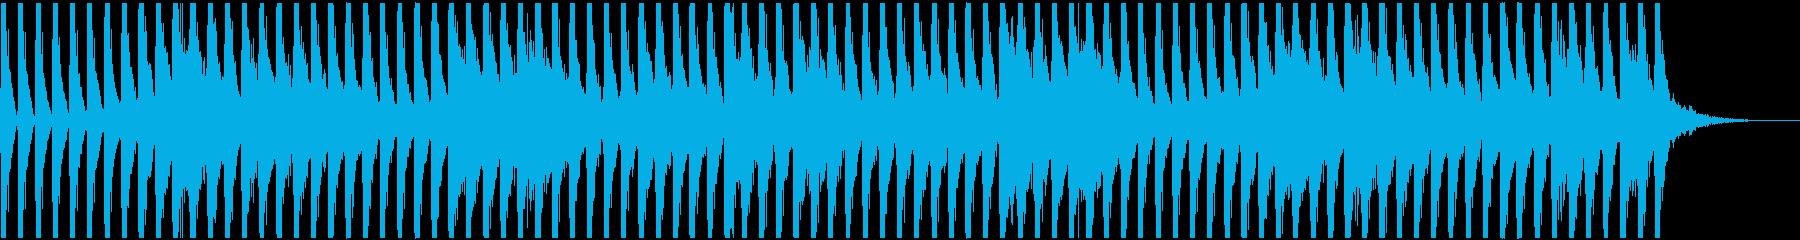 不思議な四つ打ち-Bの再生済みの波形